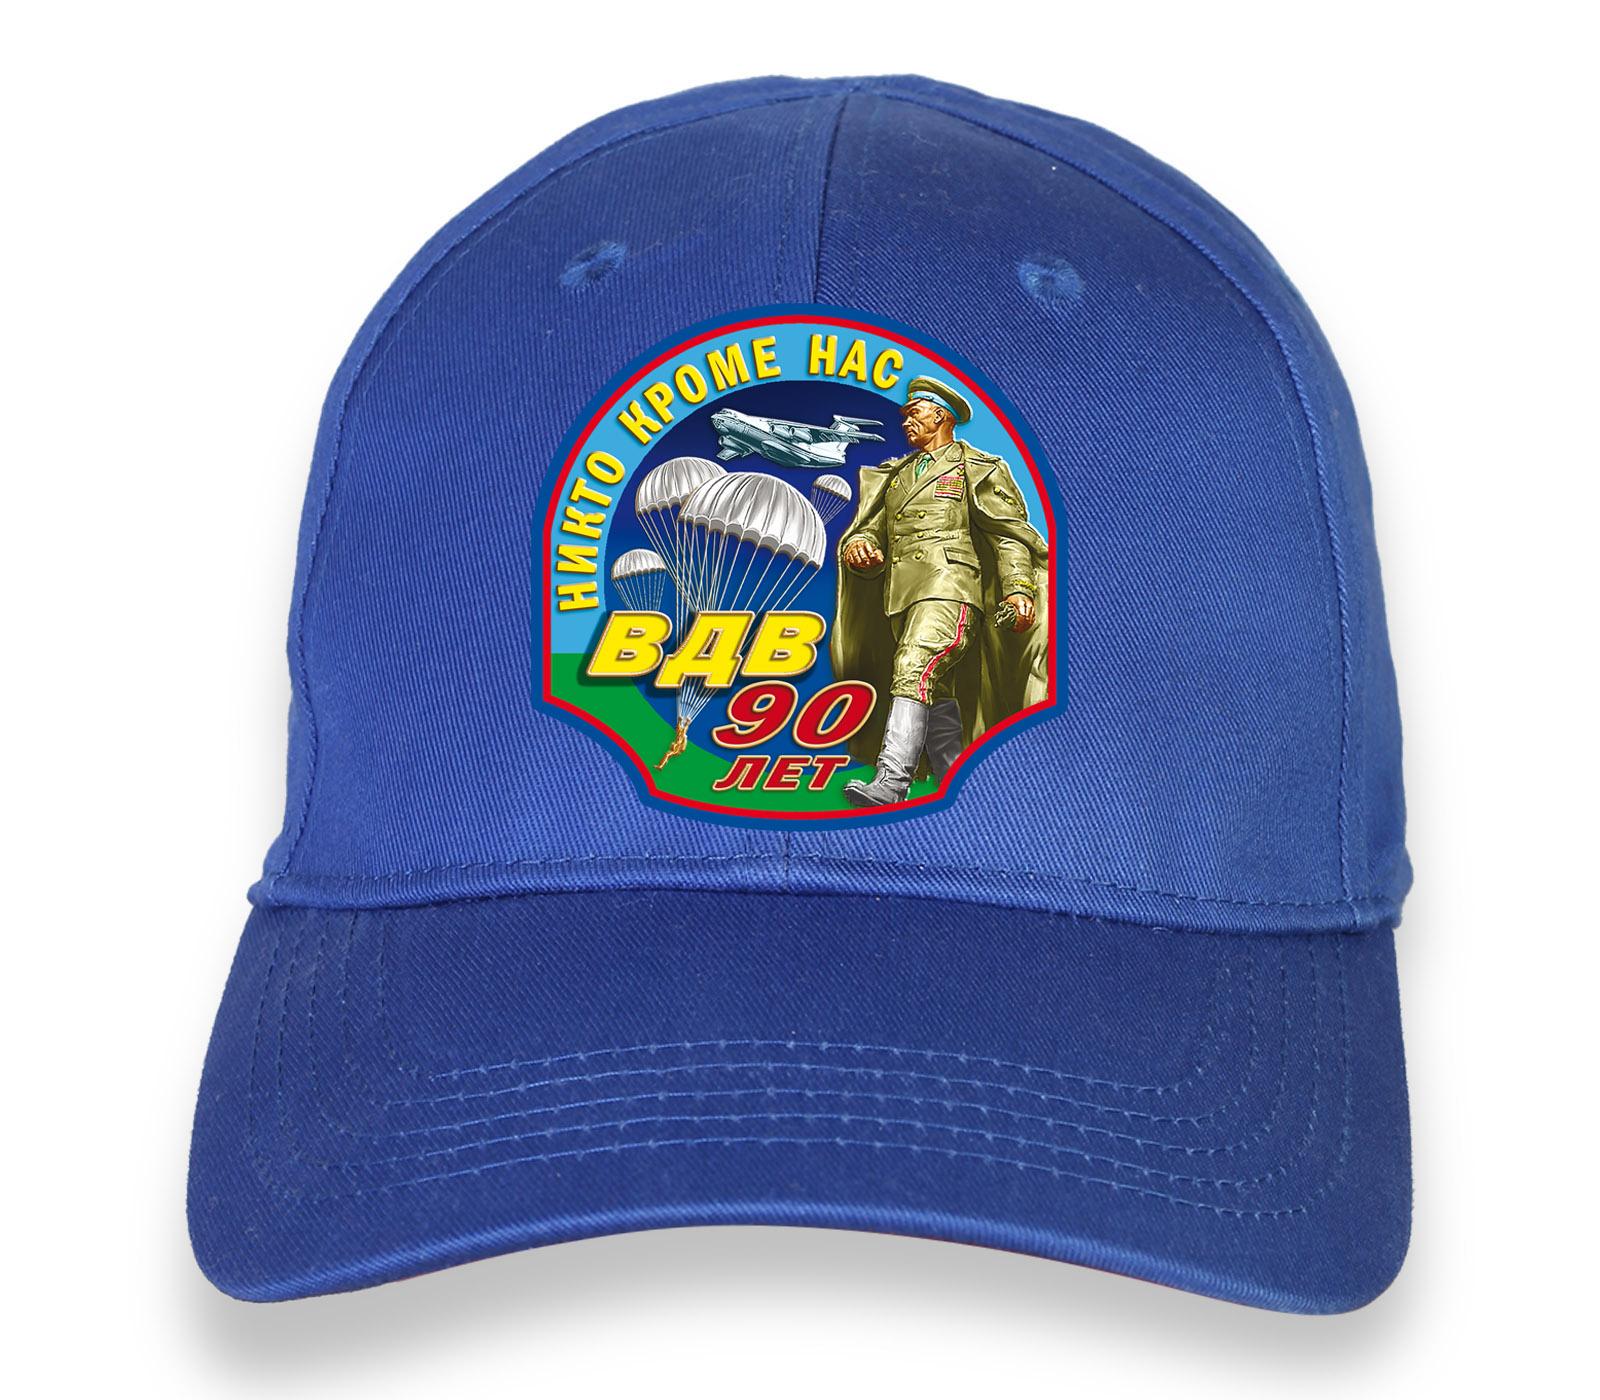 Купить строгую синюю бейсболку с термотрансфером 90 лет ВДВ с доставкой